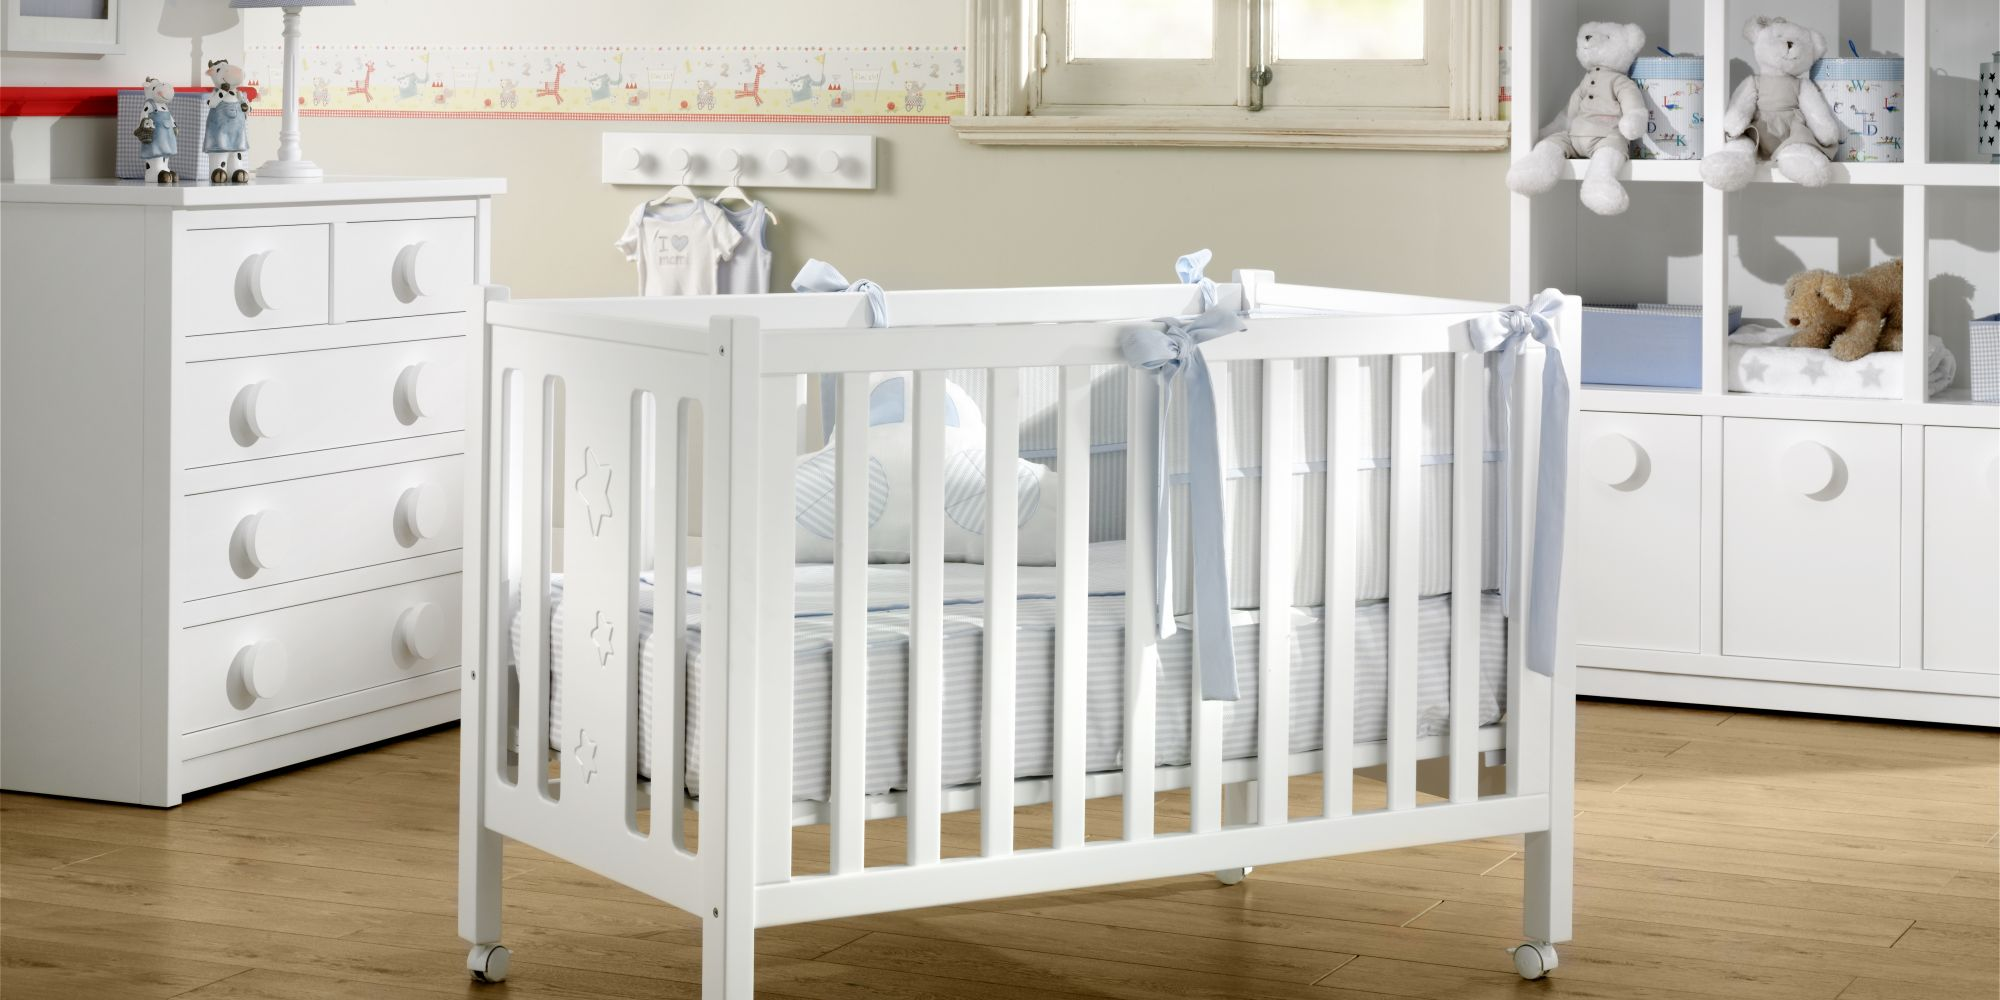 Cuna, cómoda de 5 cajones y librero, ideal para el confort de su bebe | Mueble de Bebé